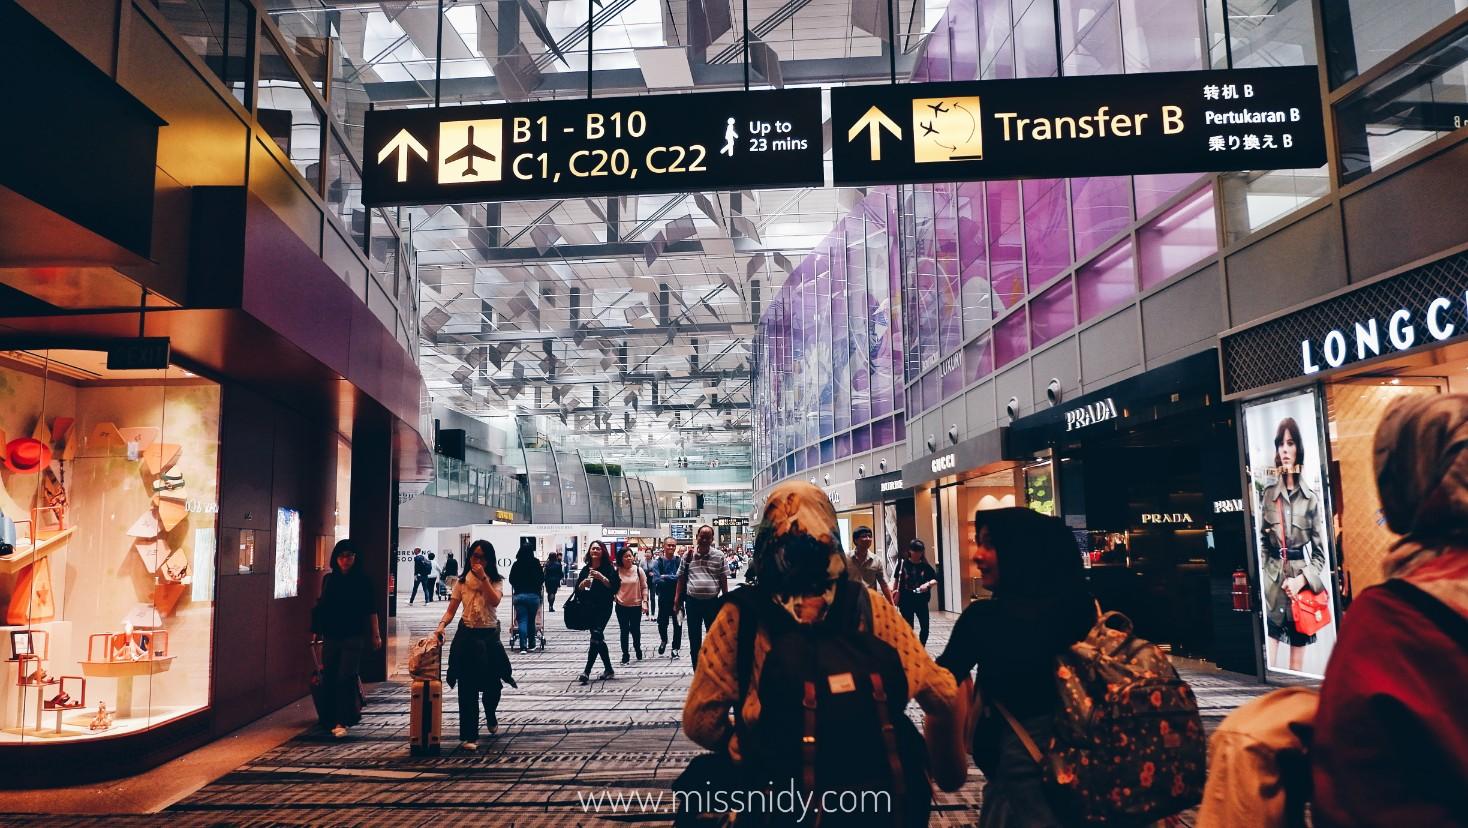 transit di singapore naik singapore airlines